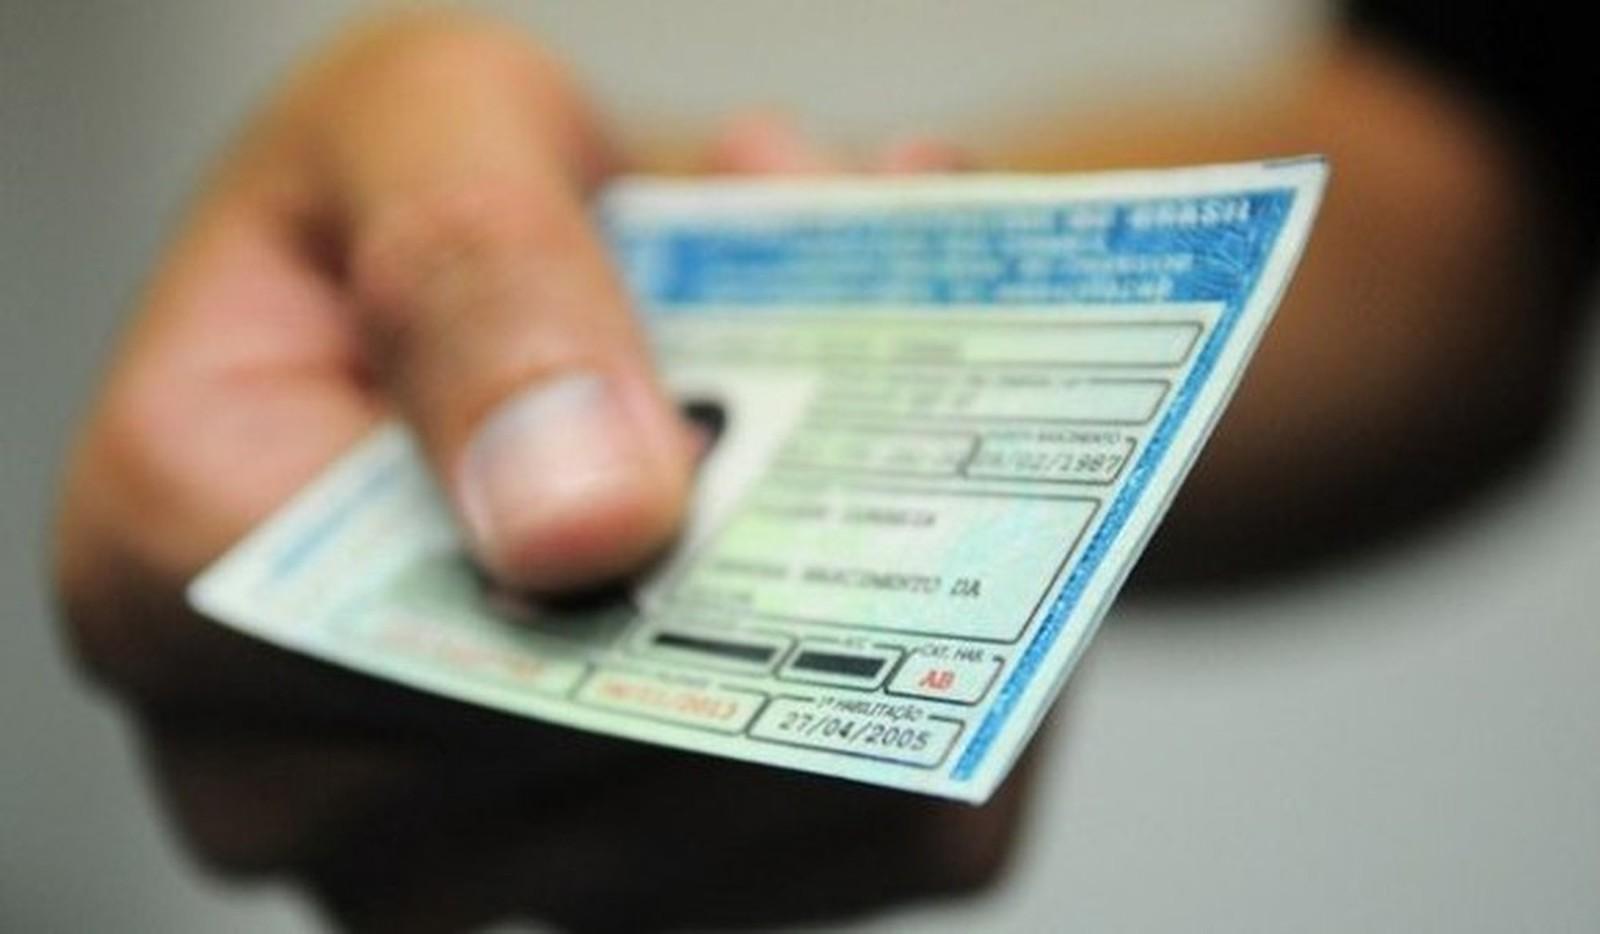 Ministério das Cidades revoga resolução que exigia prova para renovar carteira de habilitação